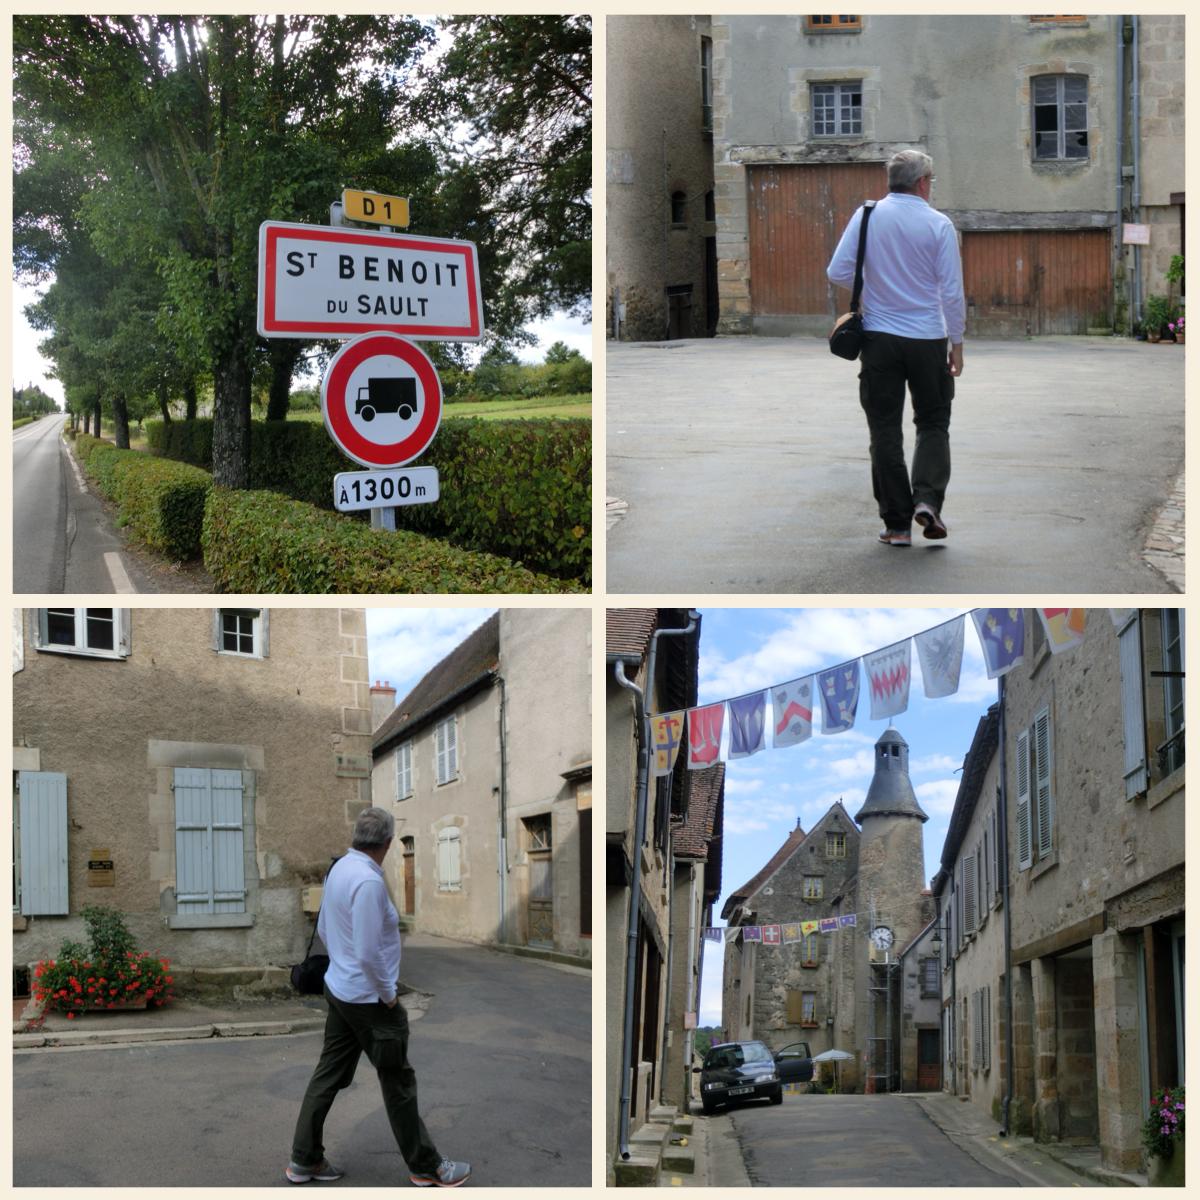 リムーザン地方の美しい村St.Benoit du SALUT